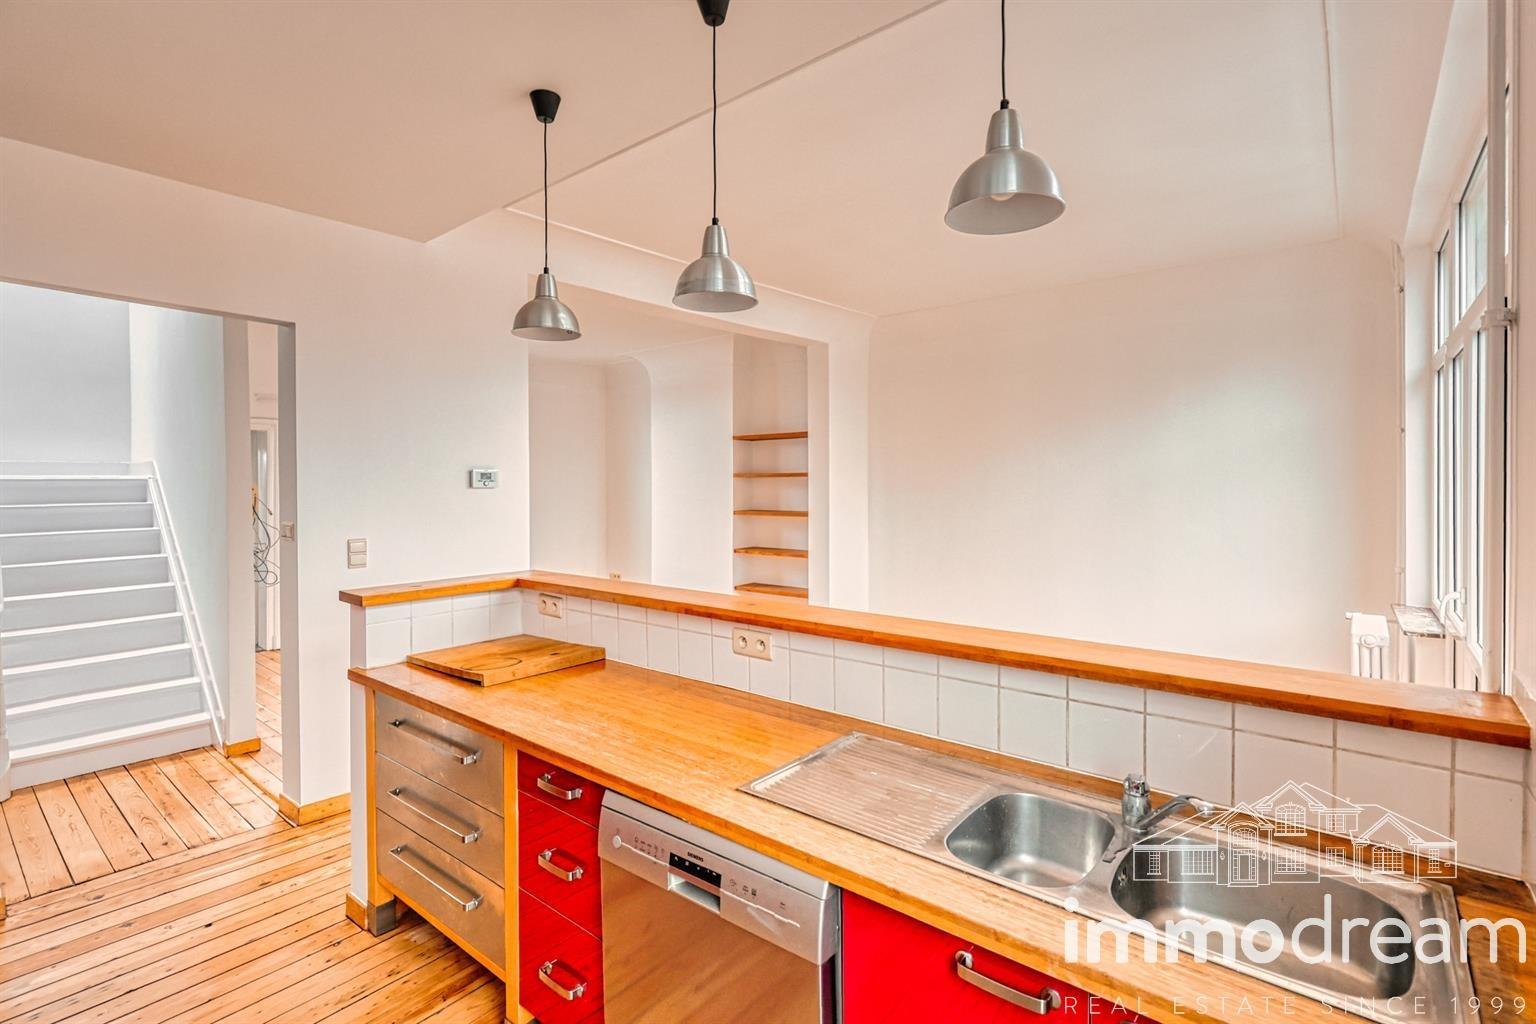 Duplex - Ixelles - #4497302-10